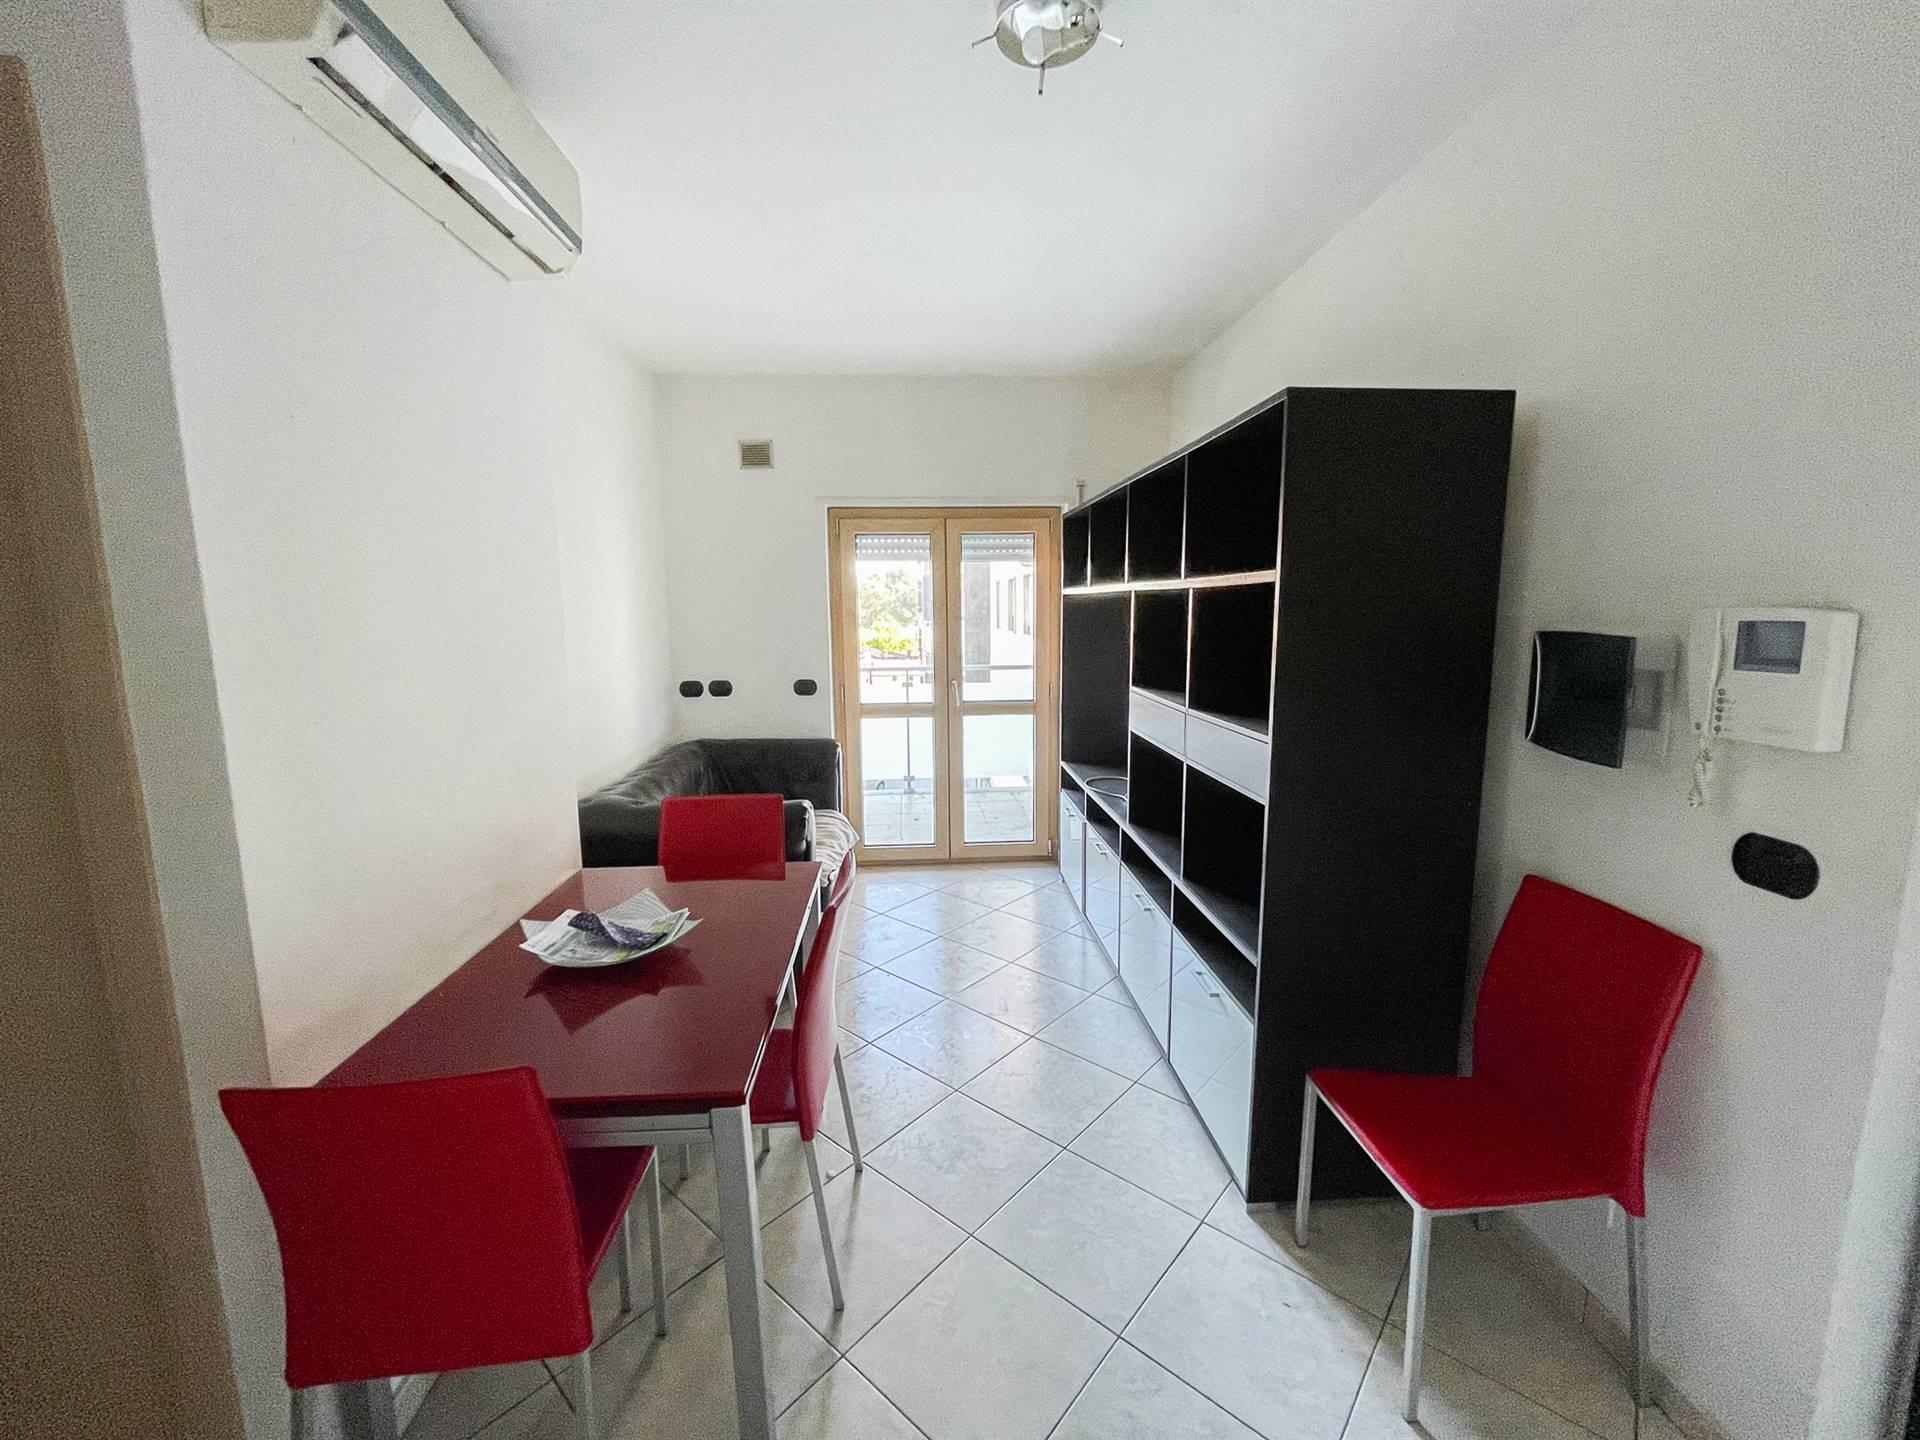 QUATTROMIGLIA, RENDE, Appartamento in affitto, Seminuovo, Riscaldamento Autonomo, Classe energetica: B, posto al piano 3° su 6, composto da: 4 Vani,